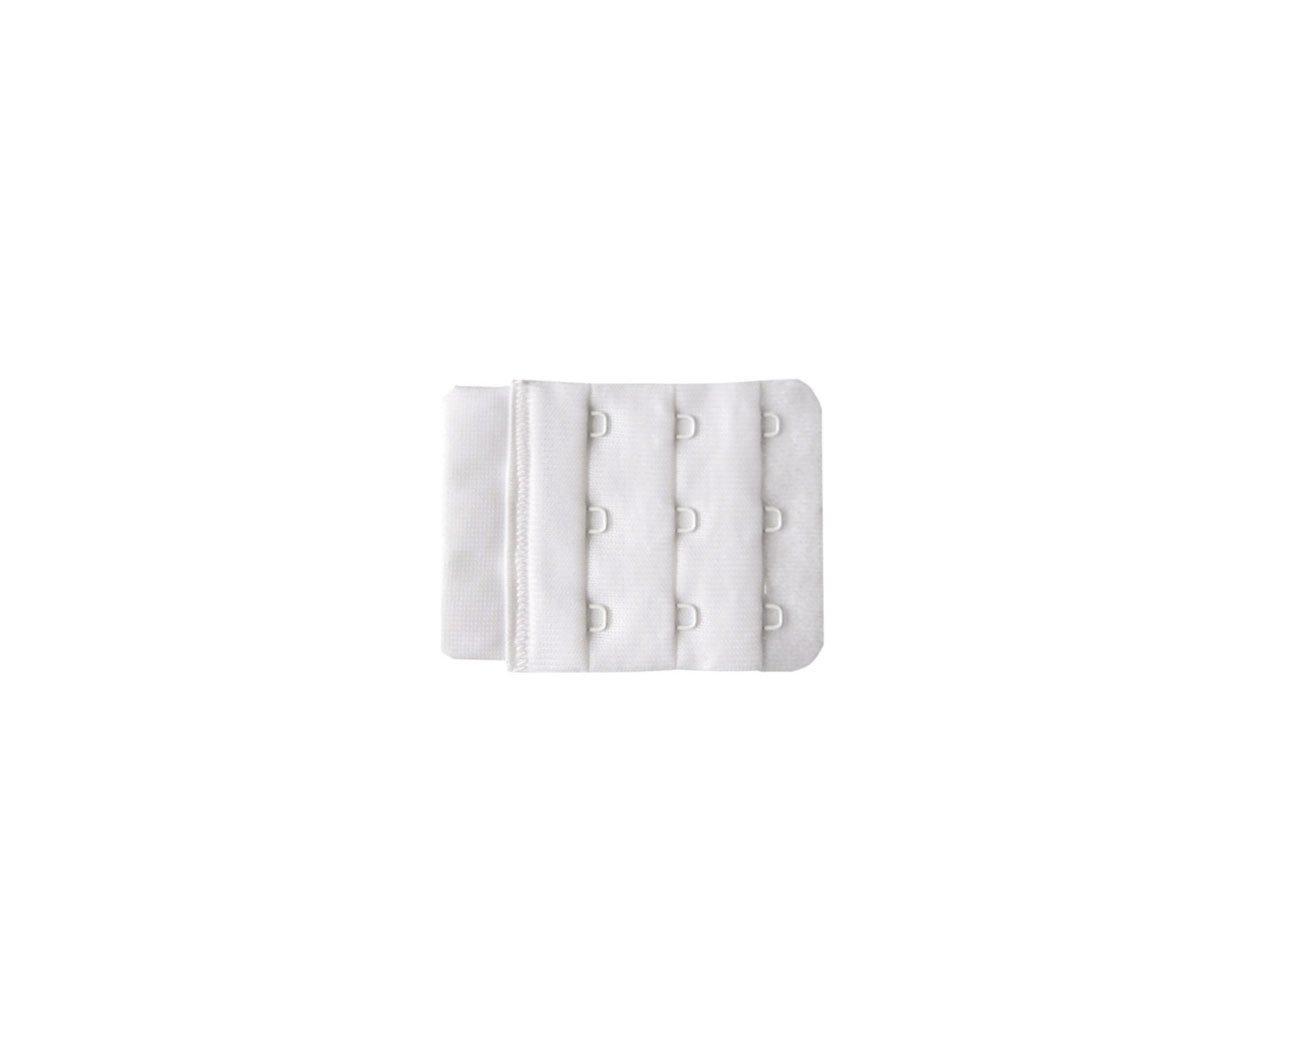 bf49c74e5a142 Gorteks Bra extender 3-hook white